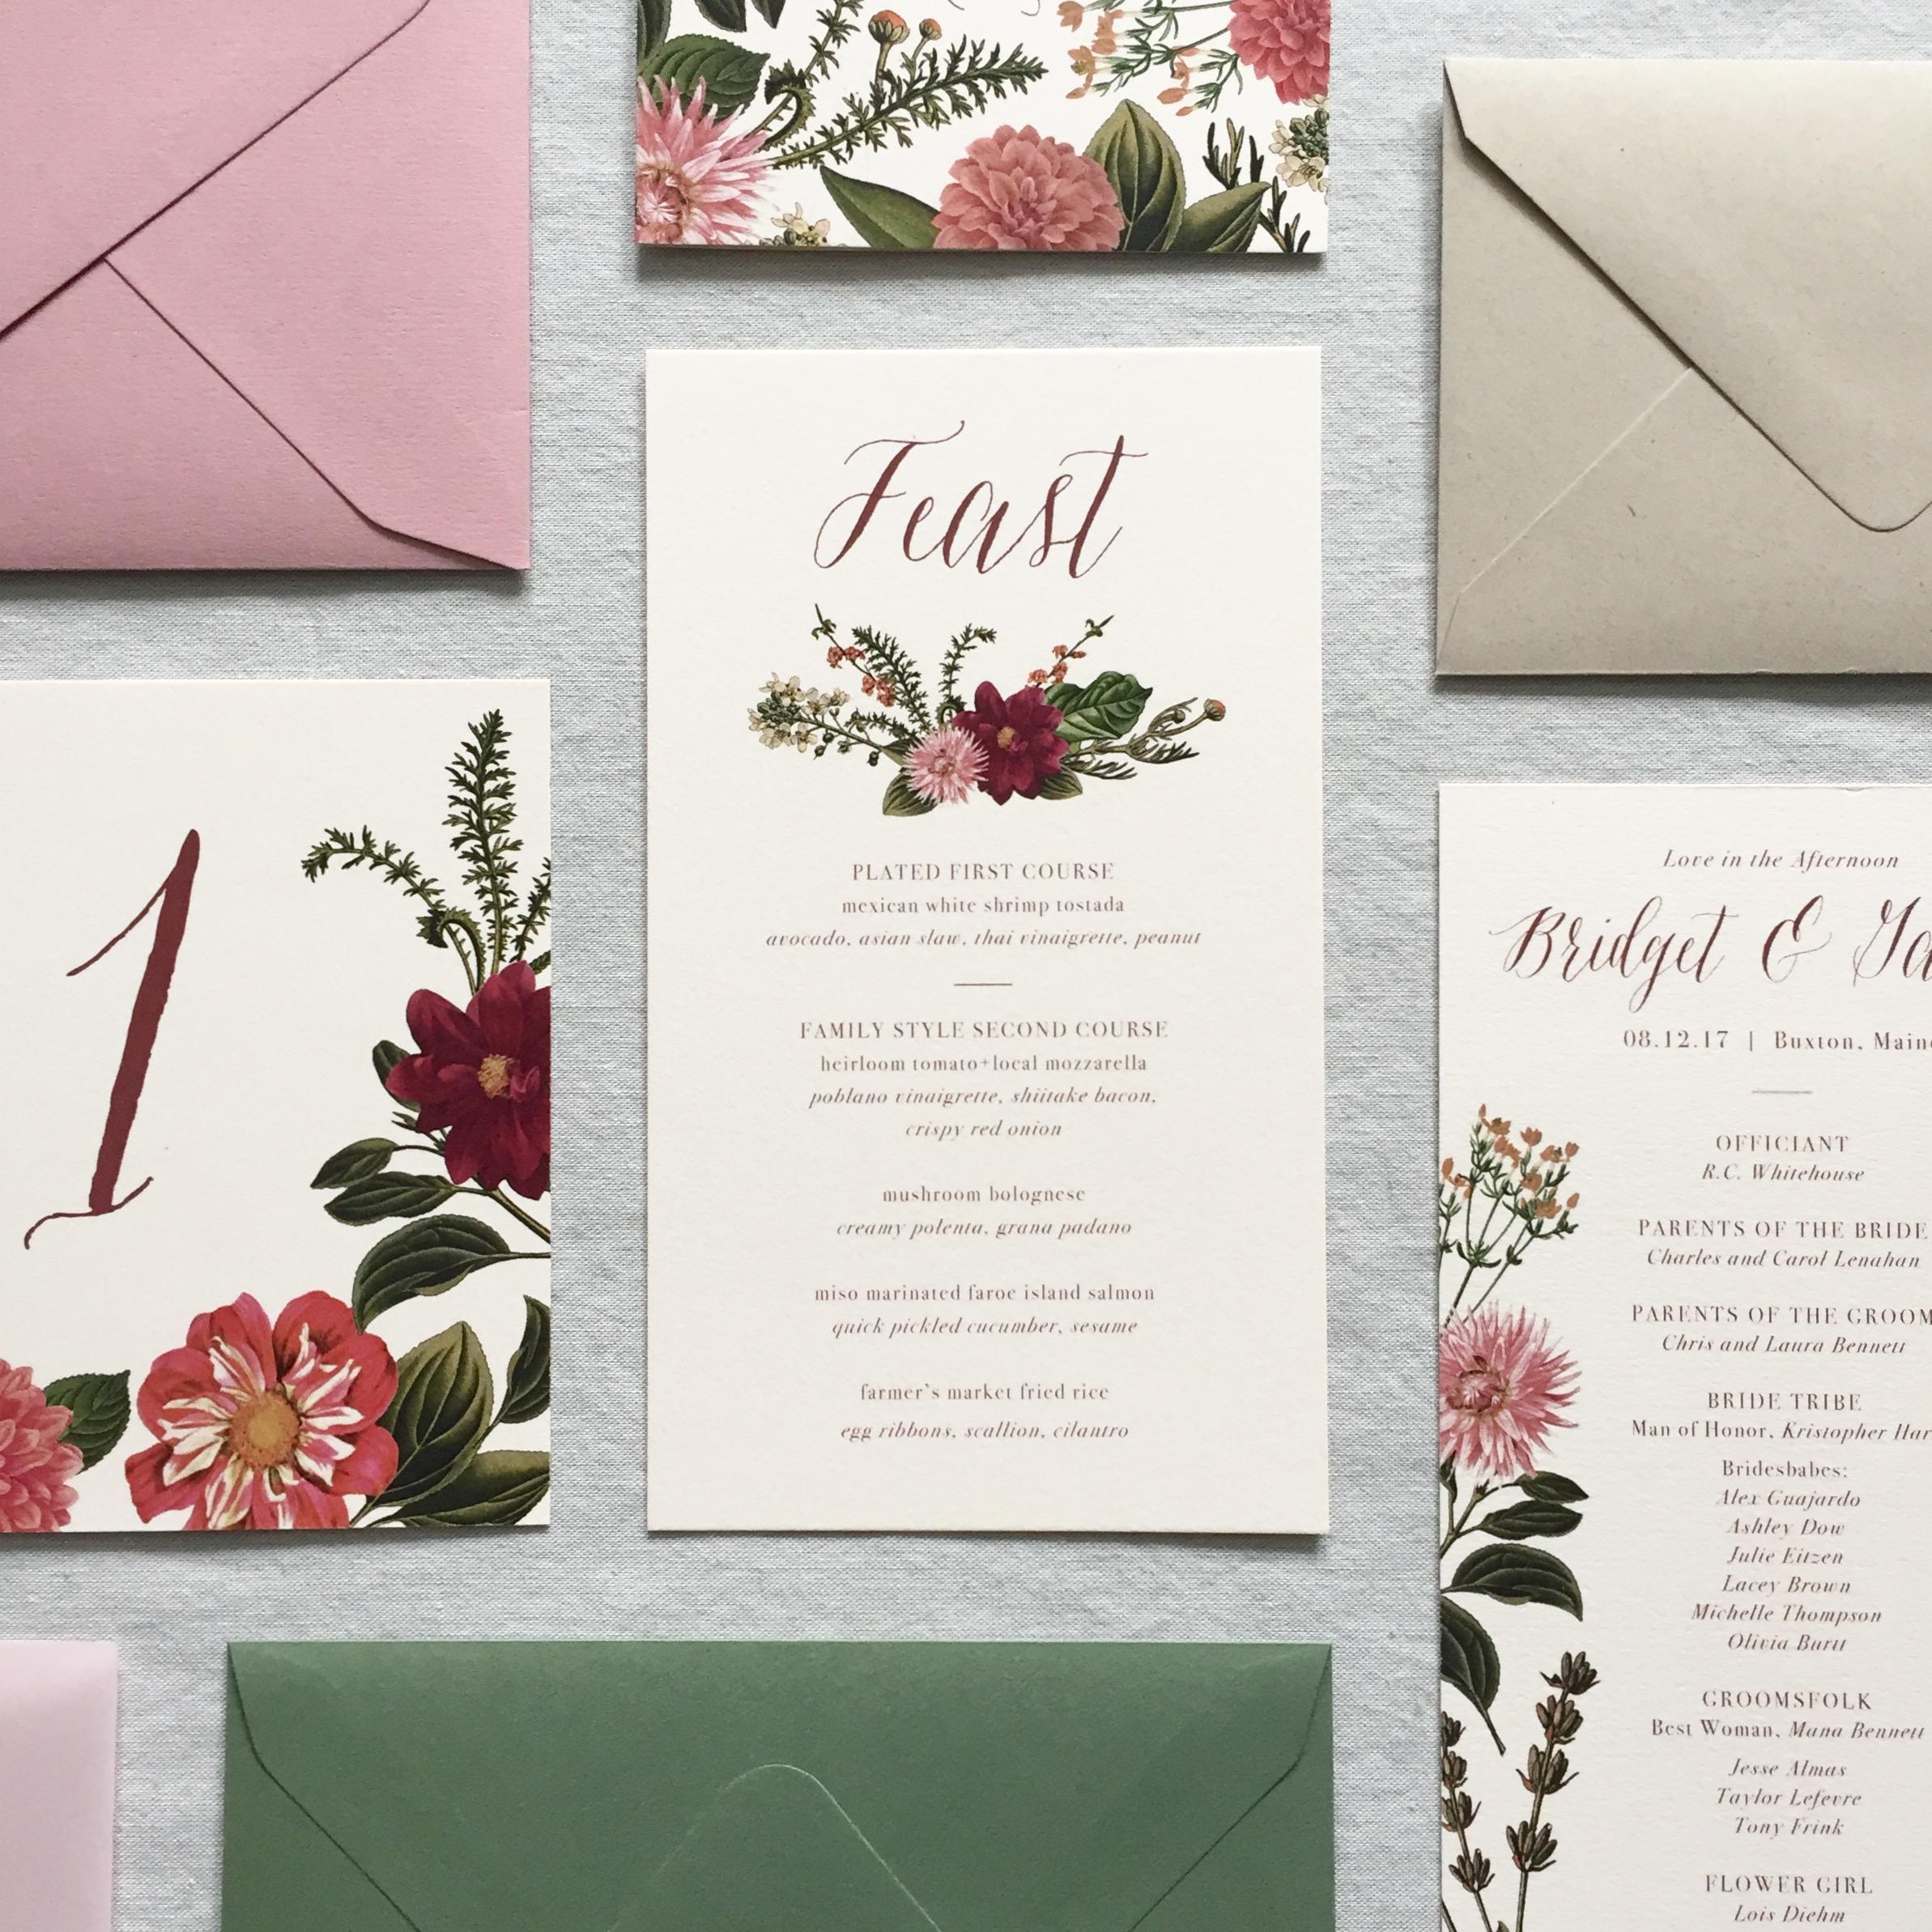 Maria_Bond_Design_Maine_Wedding_Invite_Bridget_2.jpg